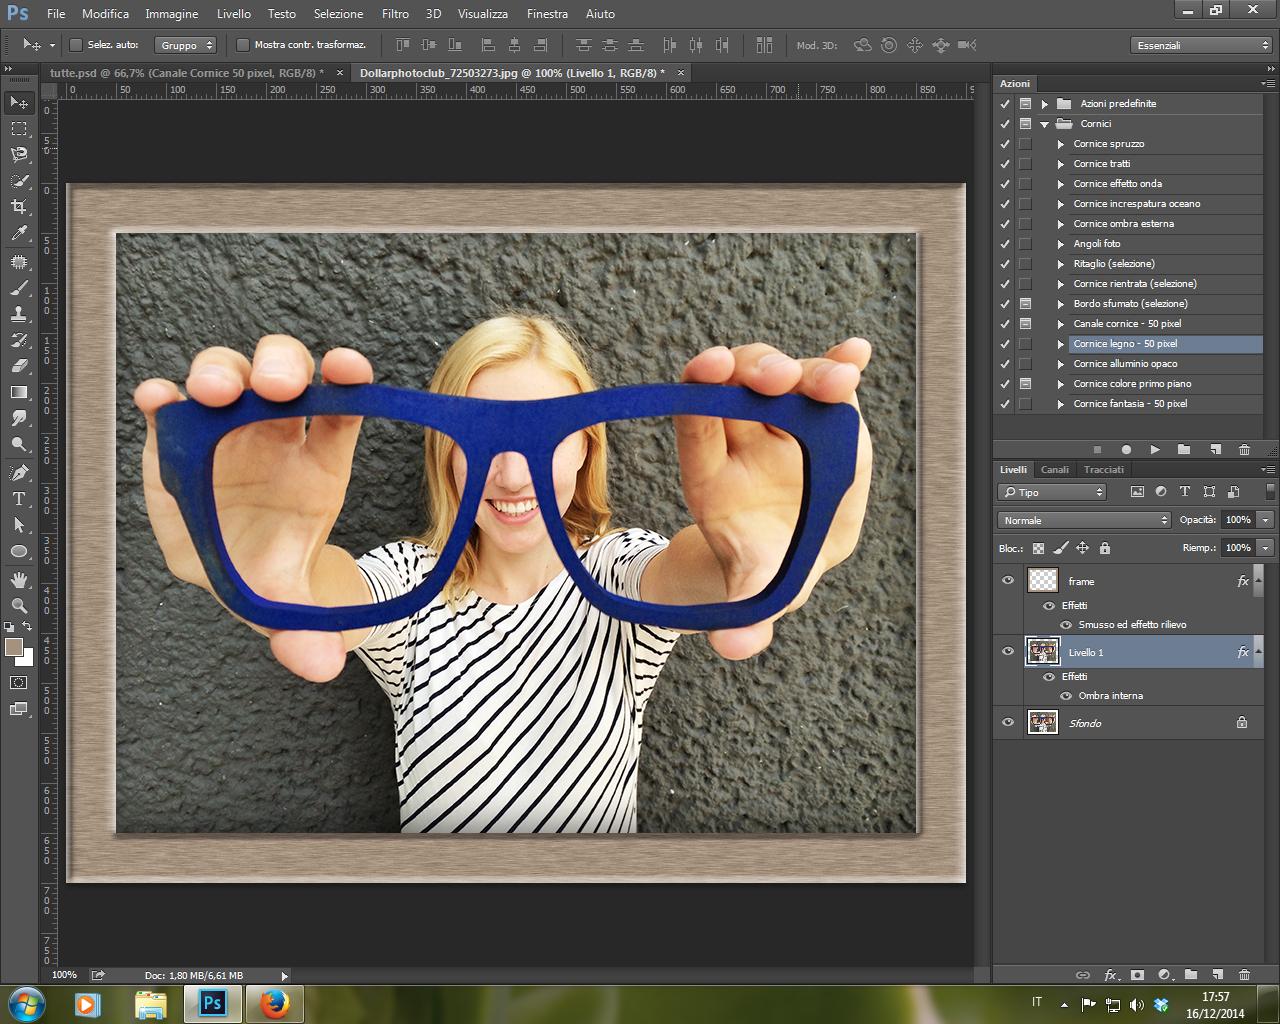 Azione Cornice Legno 50 pixel Photoshop CC 2014